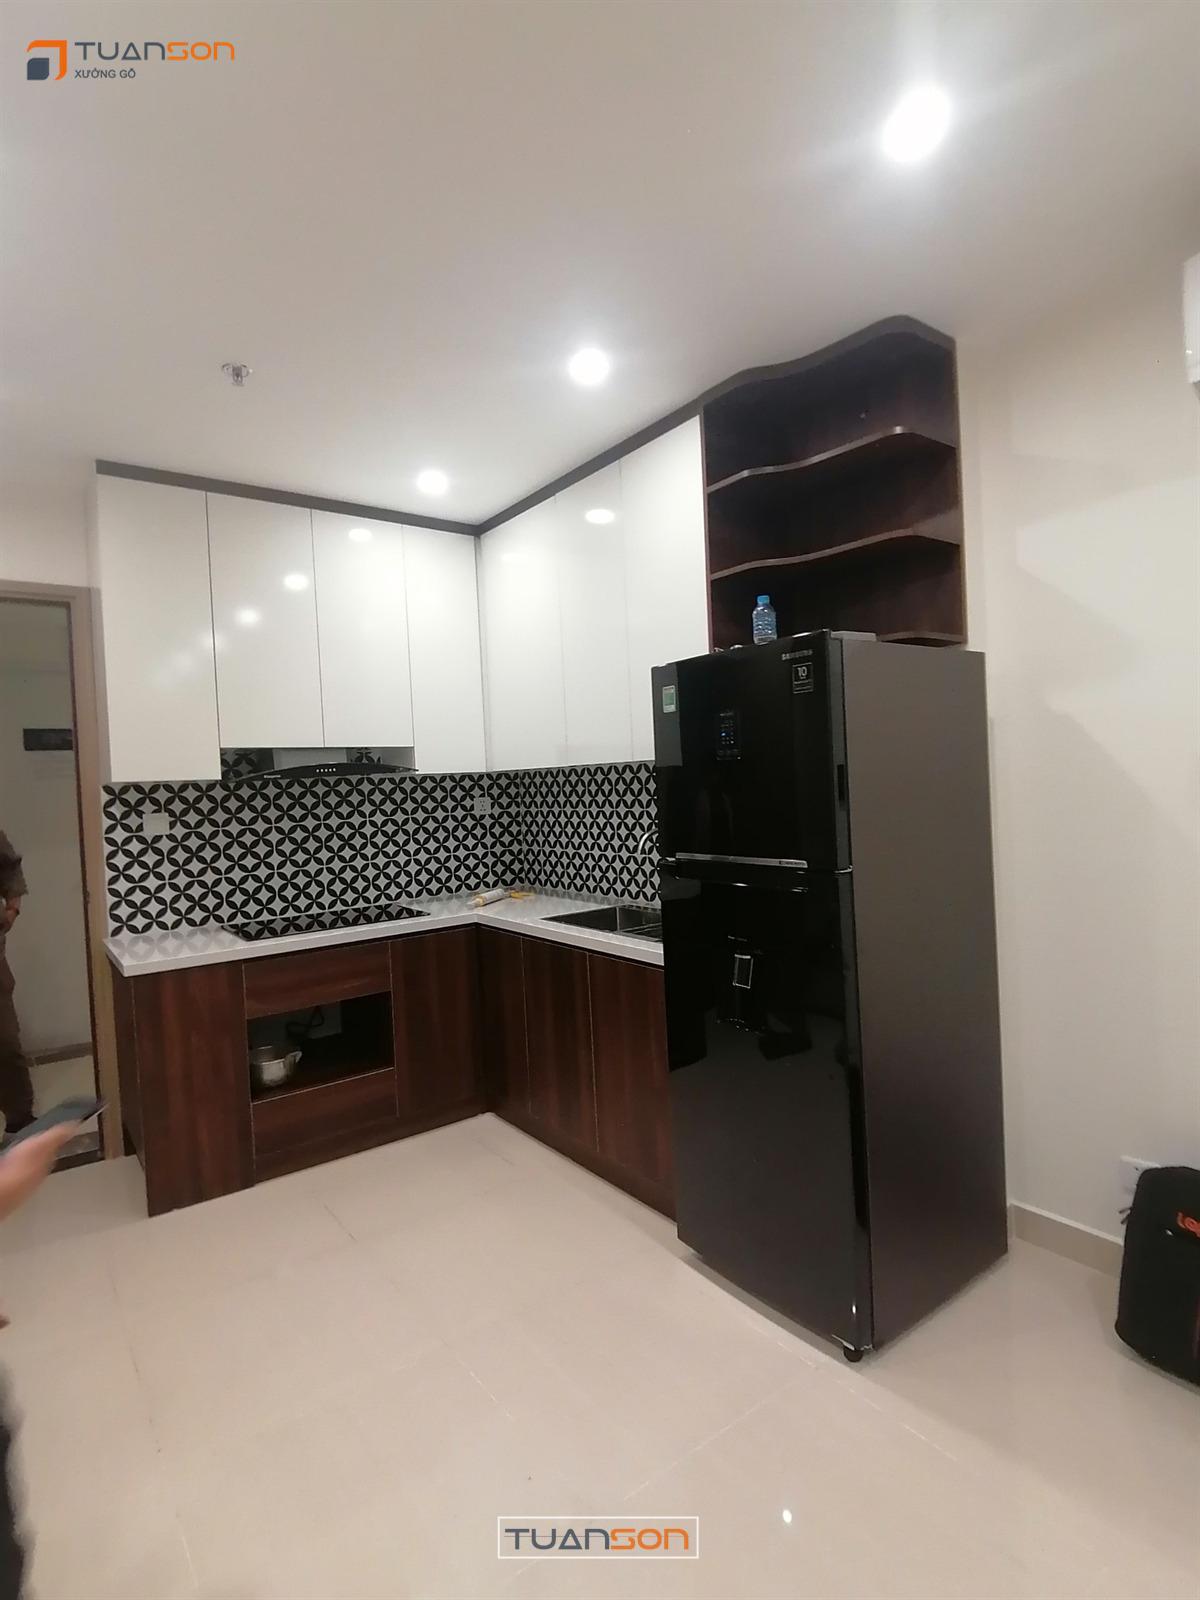 Hoàn thiện thi công nội thất căn 43m2 S1.06-09 Vinhomes Smart City